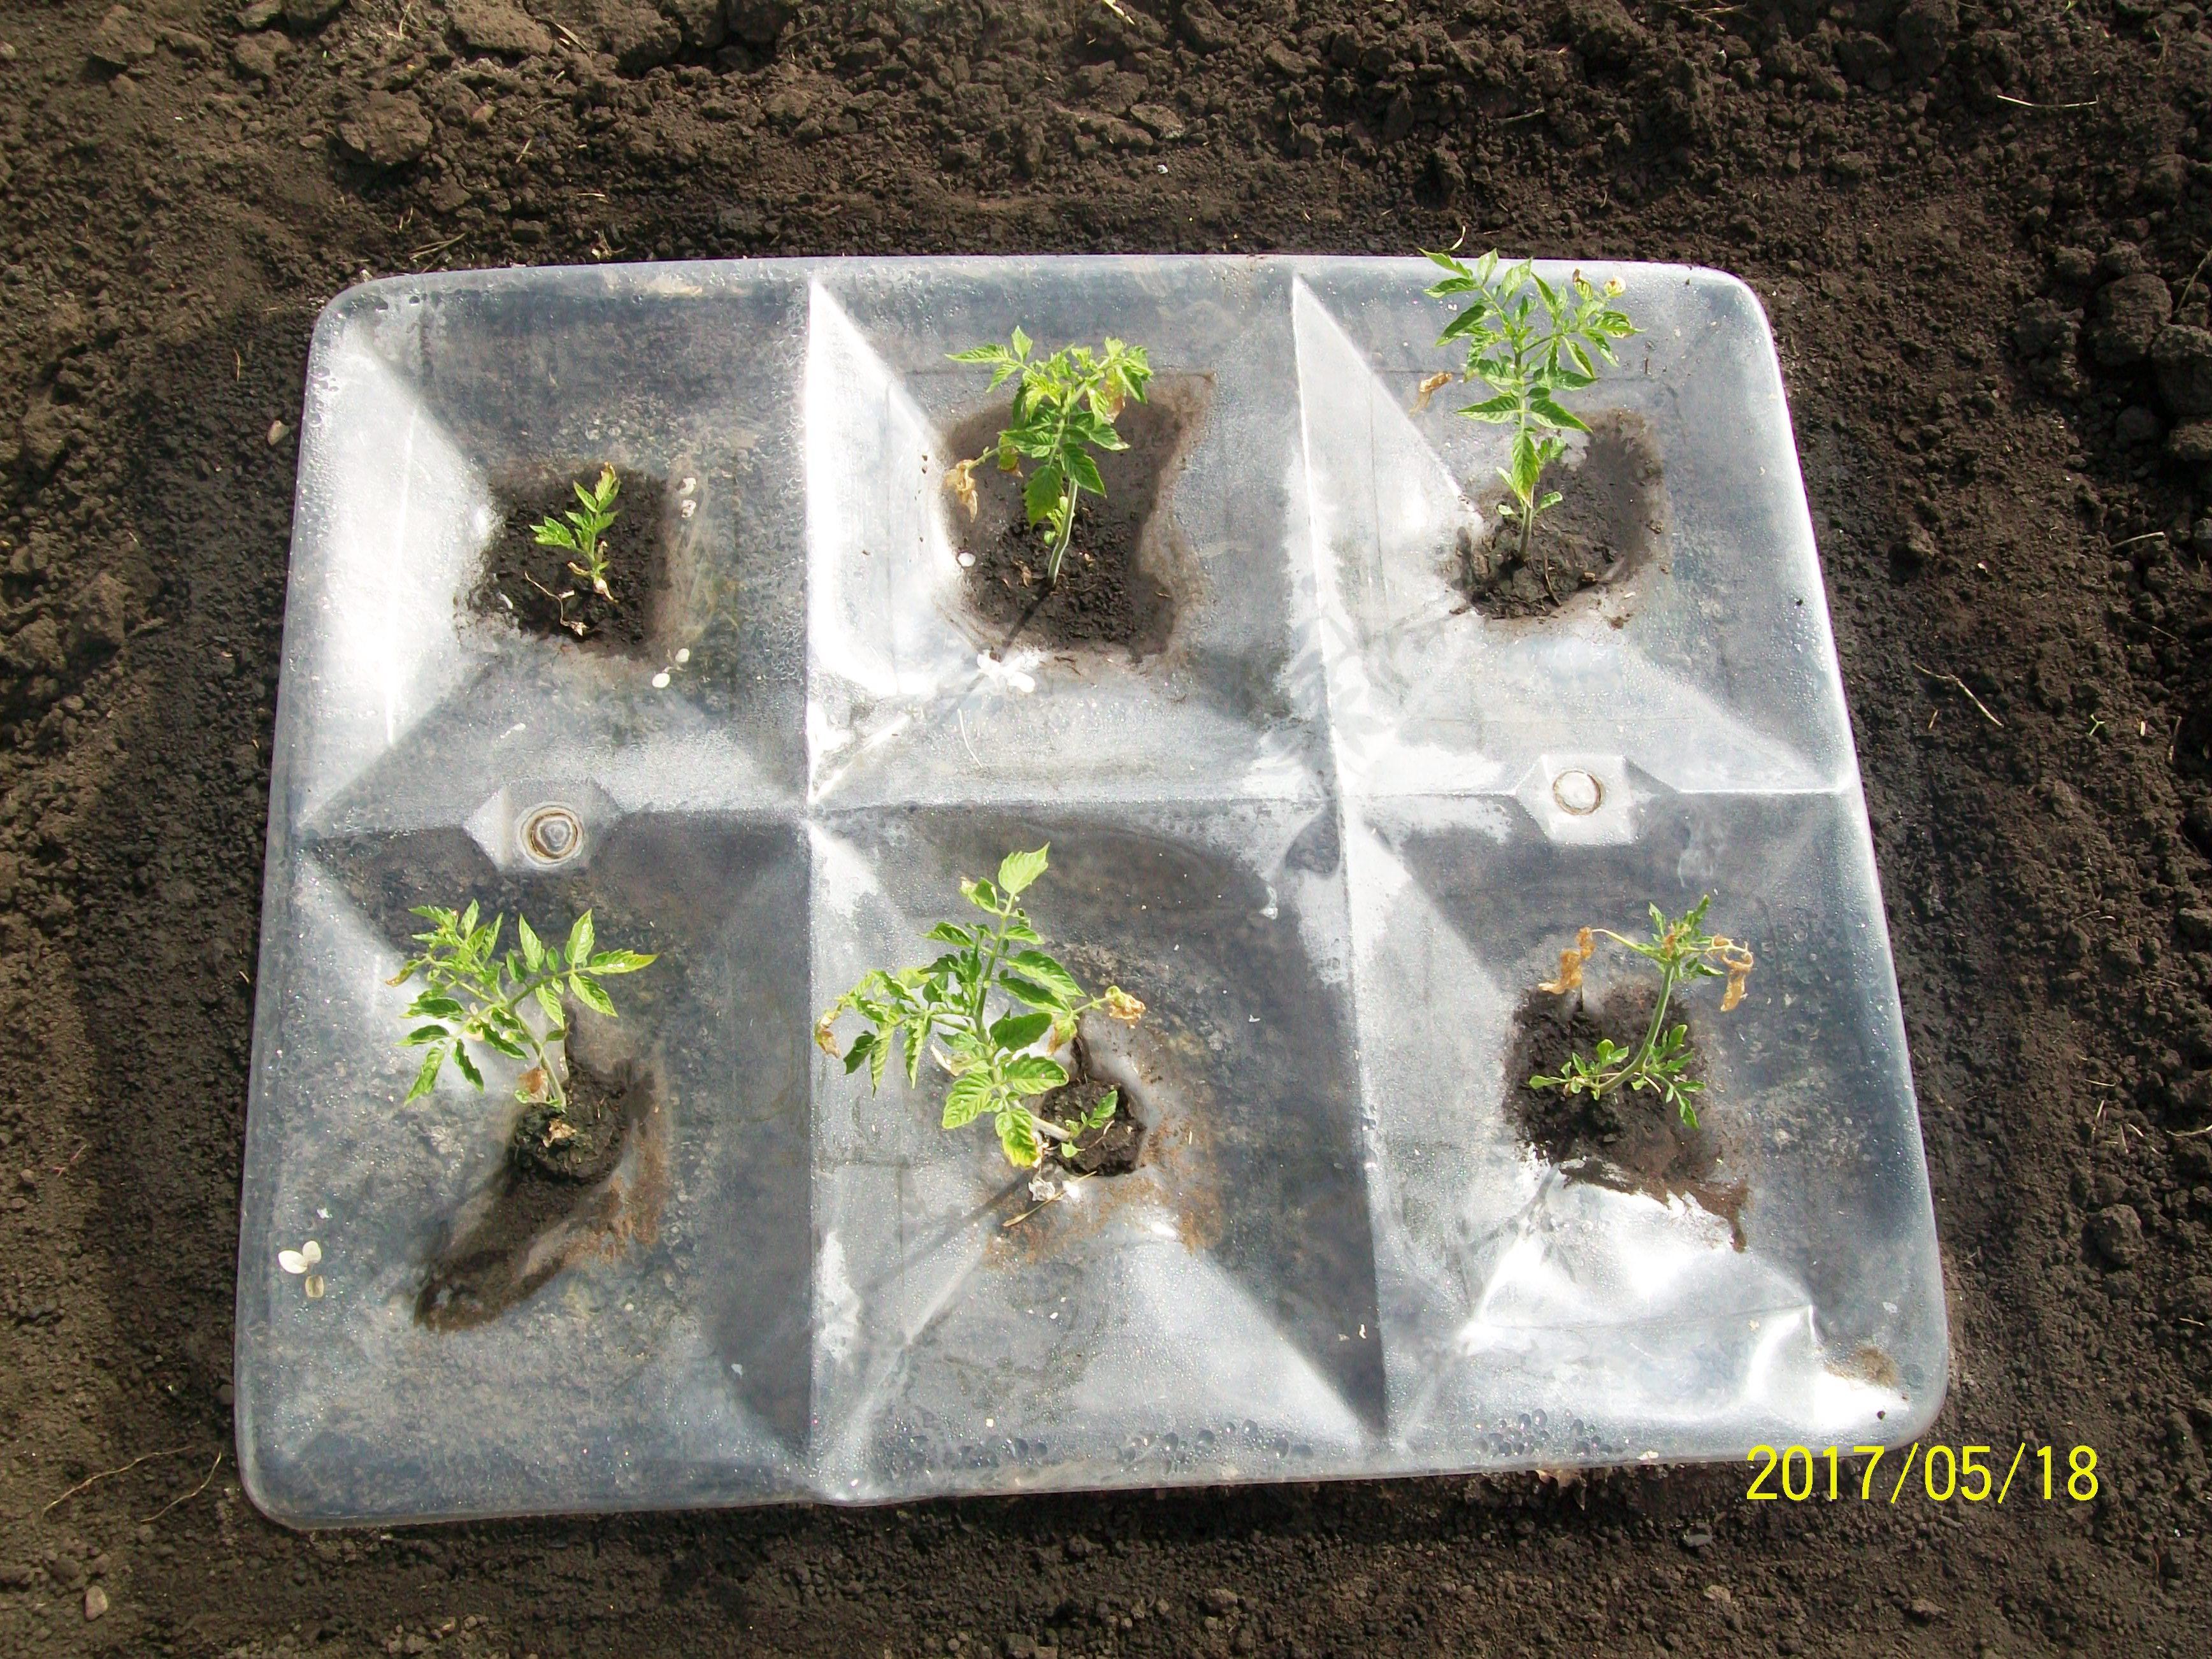 Томаты в 6 ячейковой агропанели начали рост, май 2017